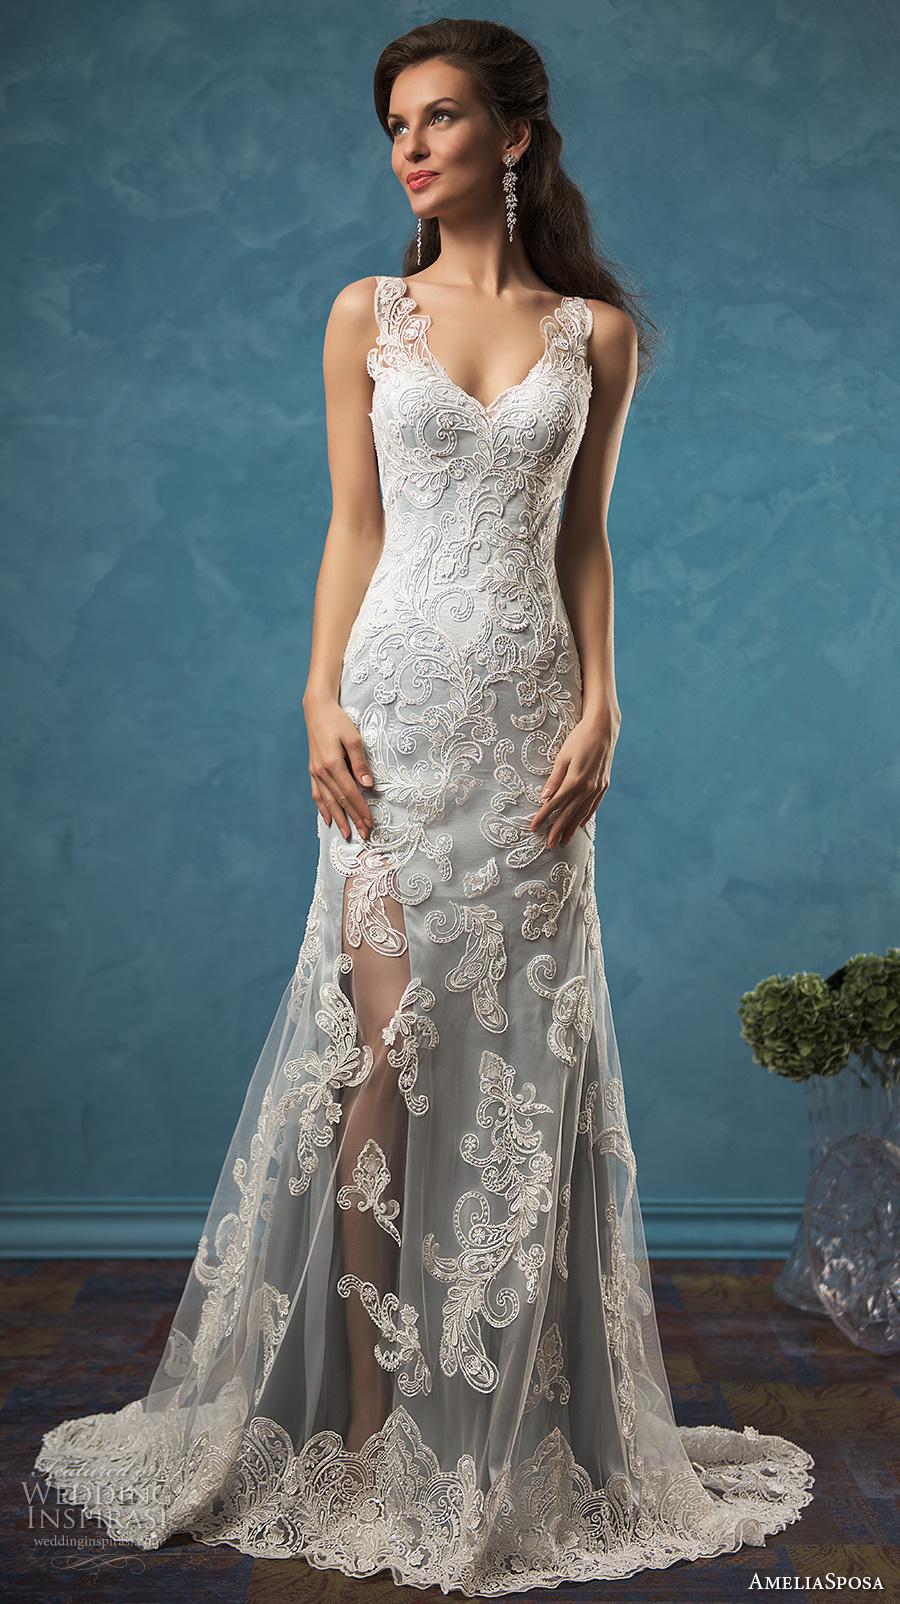 amelia sposa 2017 bridal sleeveless v neck full embellishement elegant sheath lace wedding dress illusion back sweep train (damiana) mv